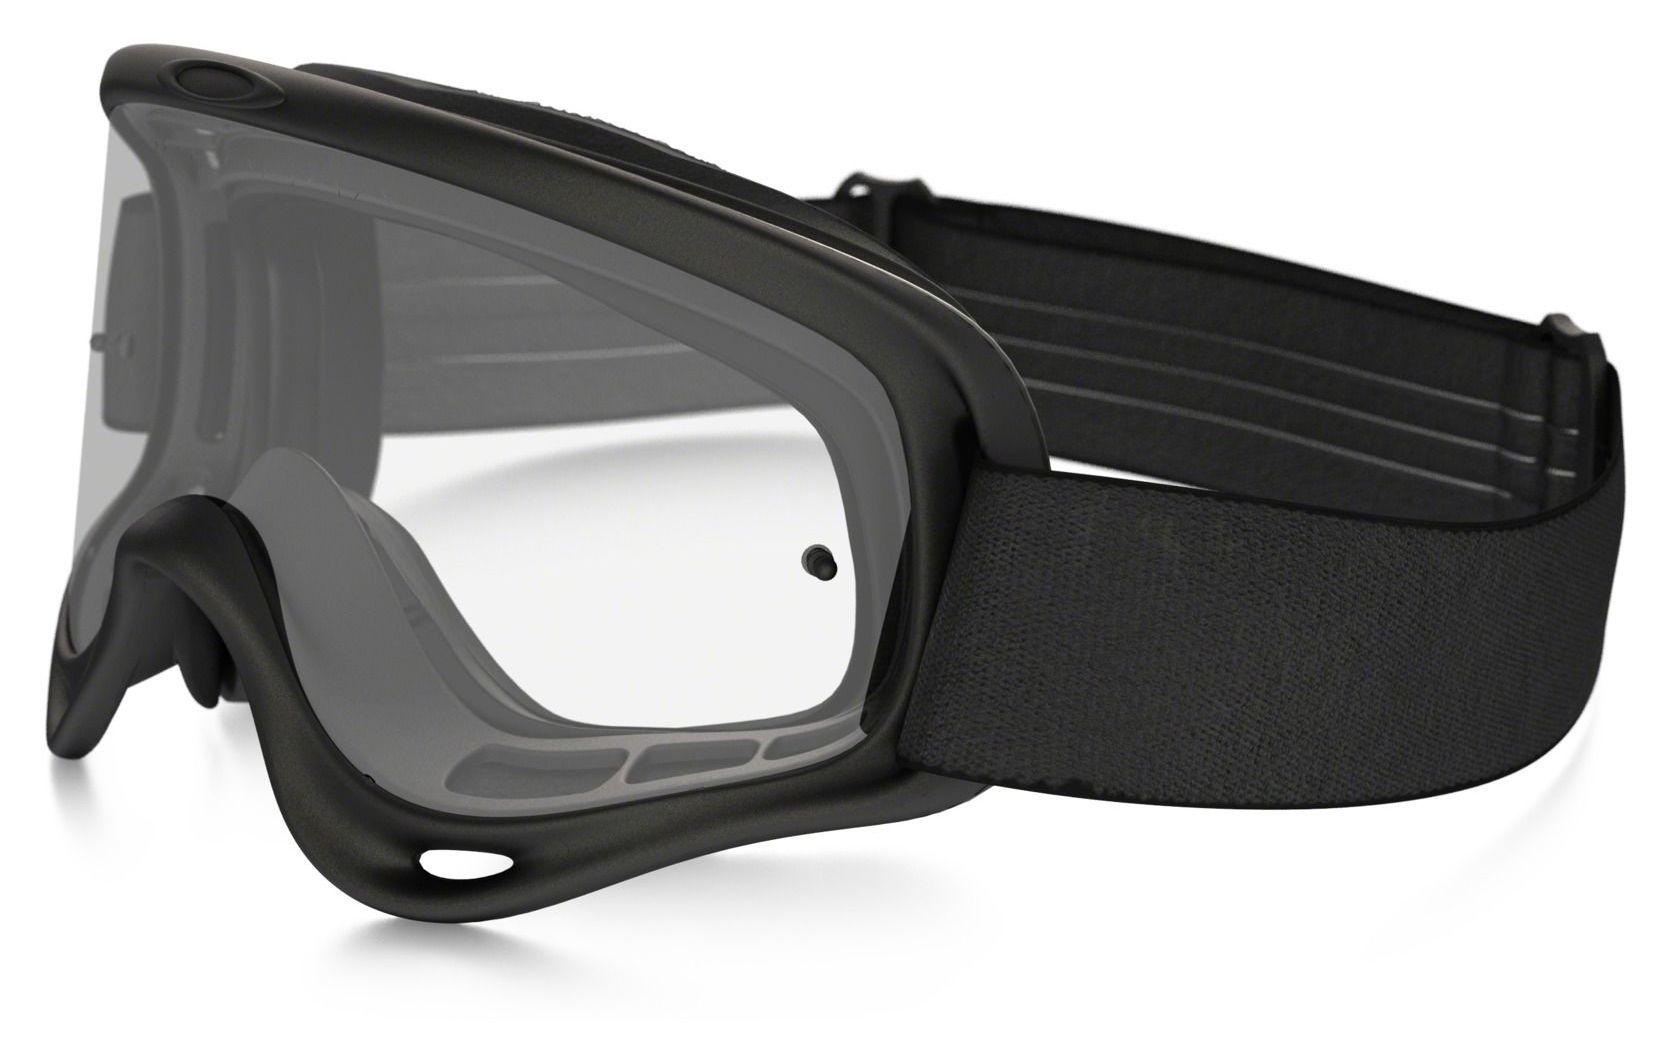 240a9e48565 Oakley O Frame MX Goggles - Cycle Gear